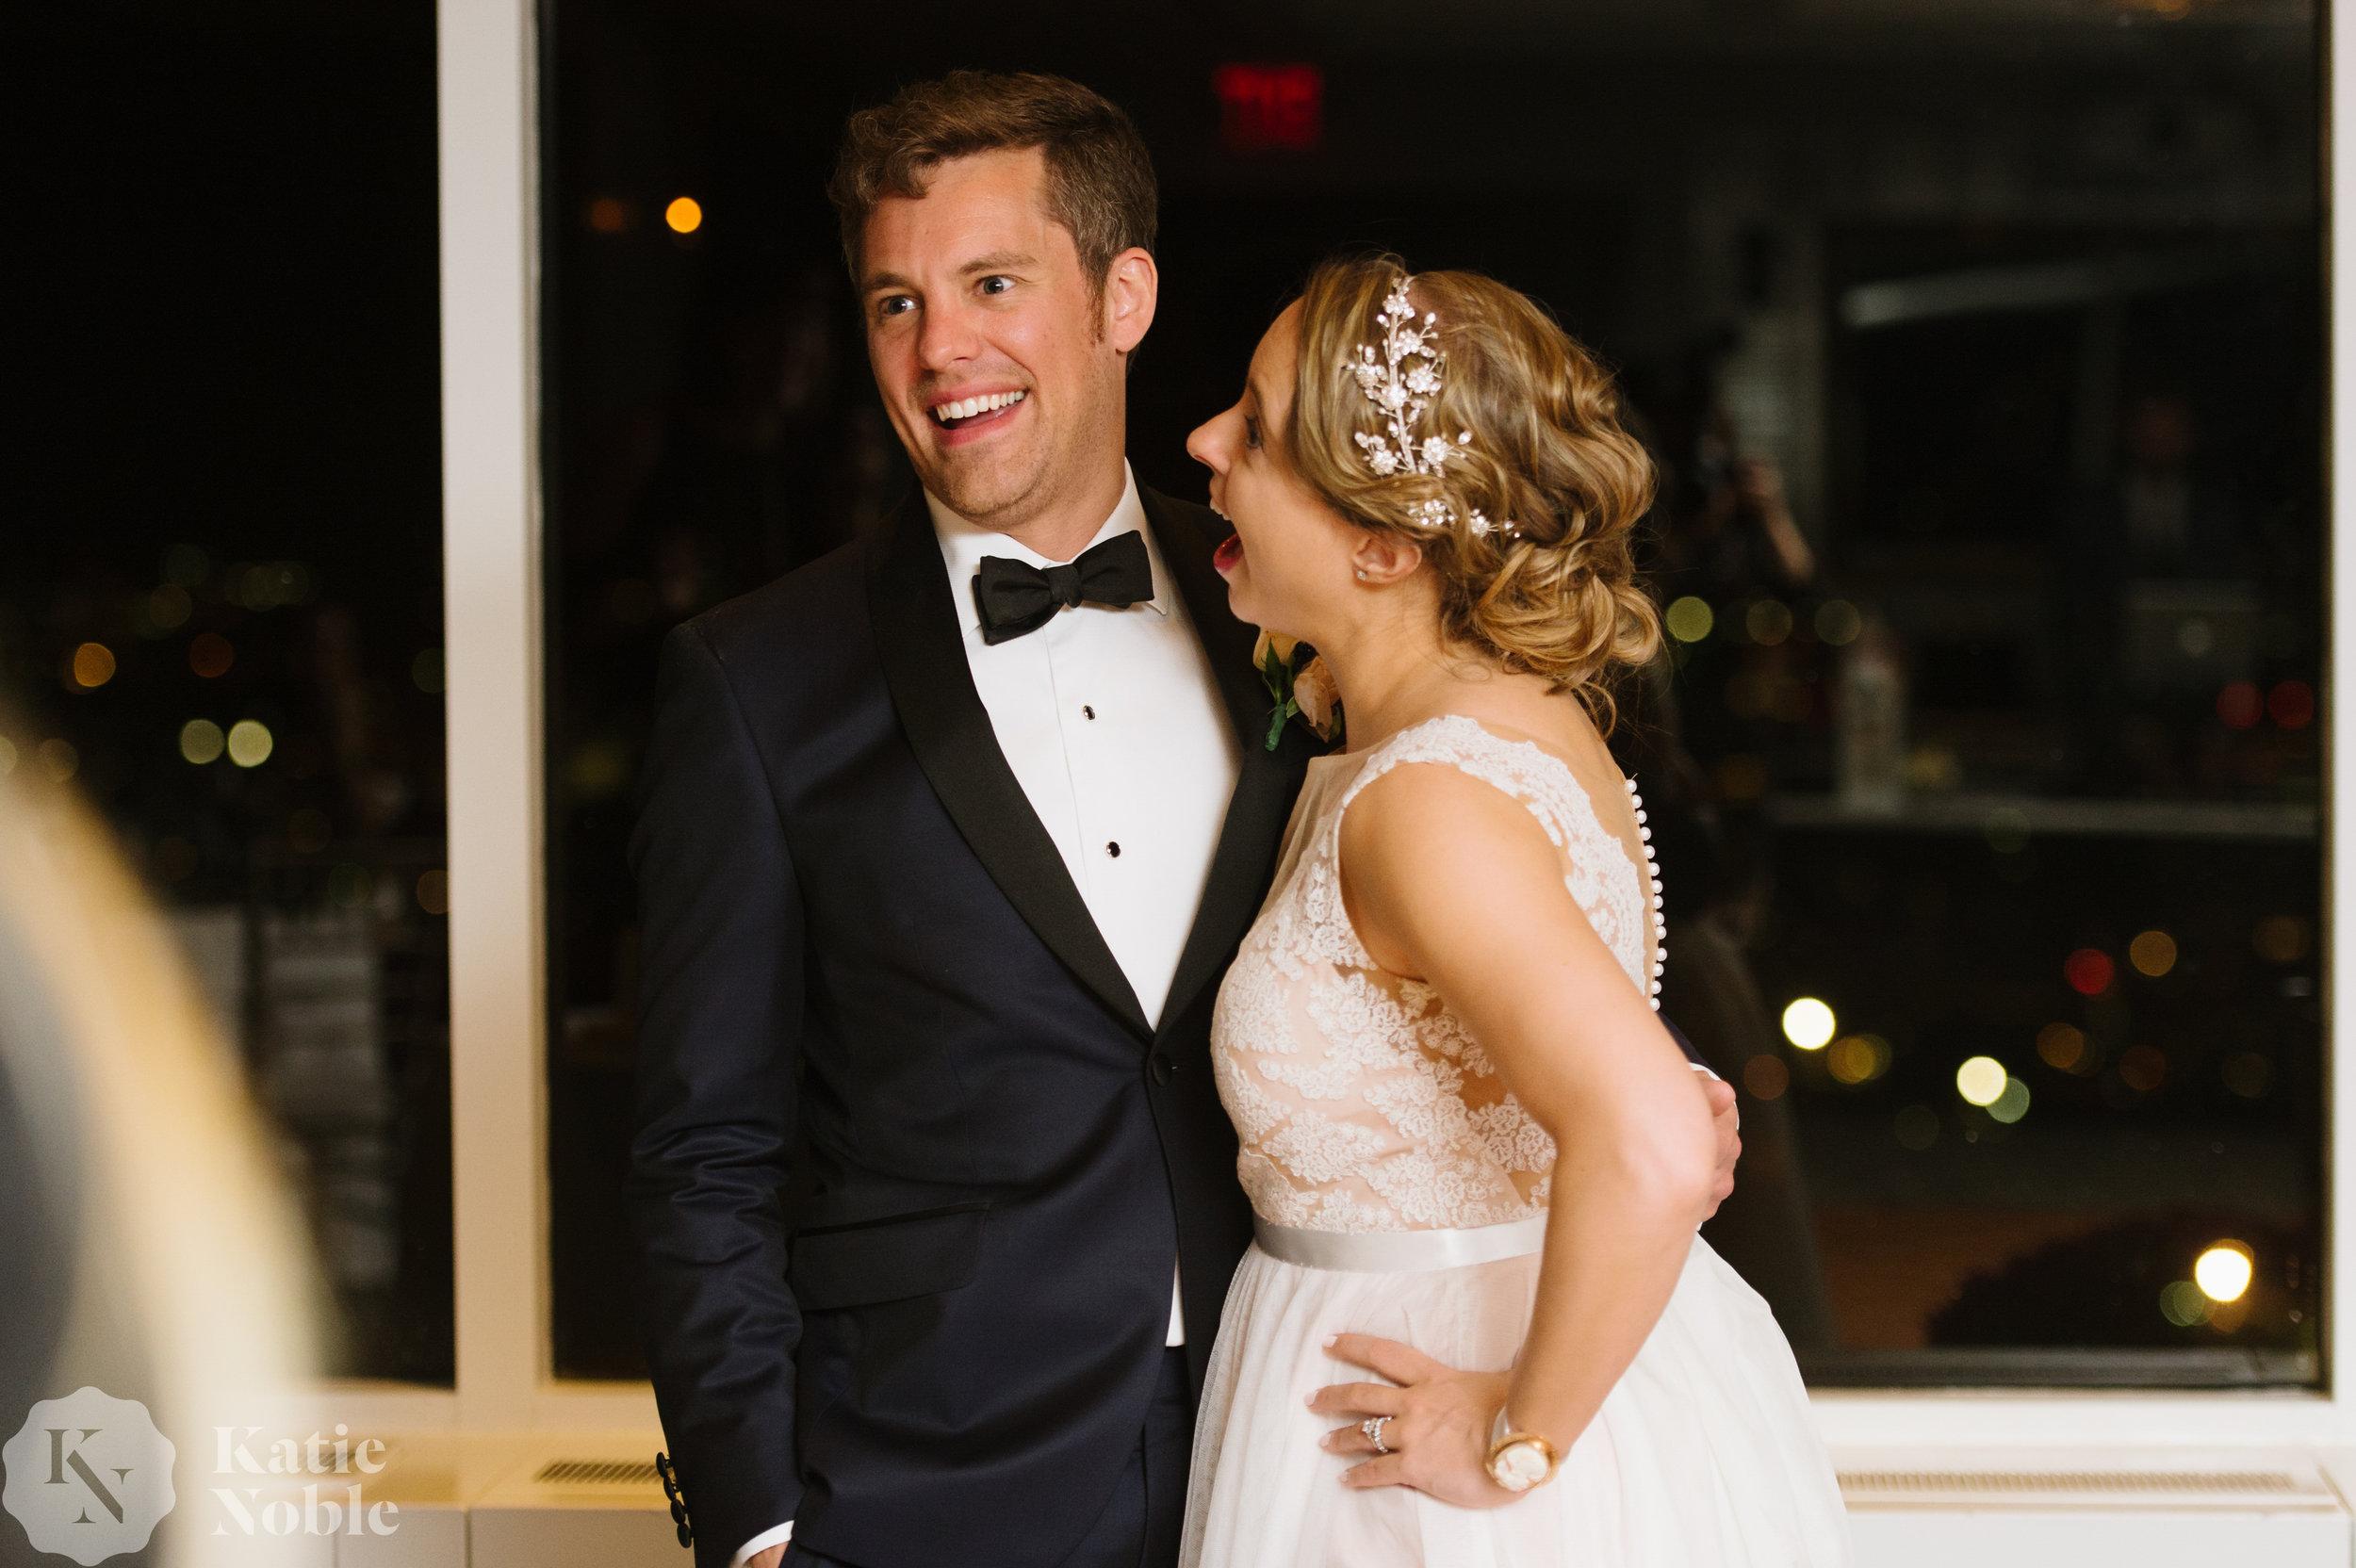 Katie-Noble-Weddings -38.jpg